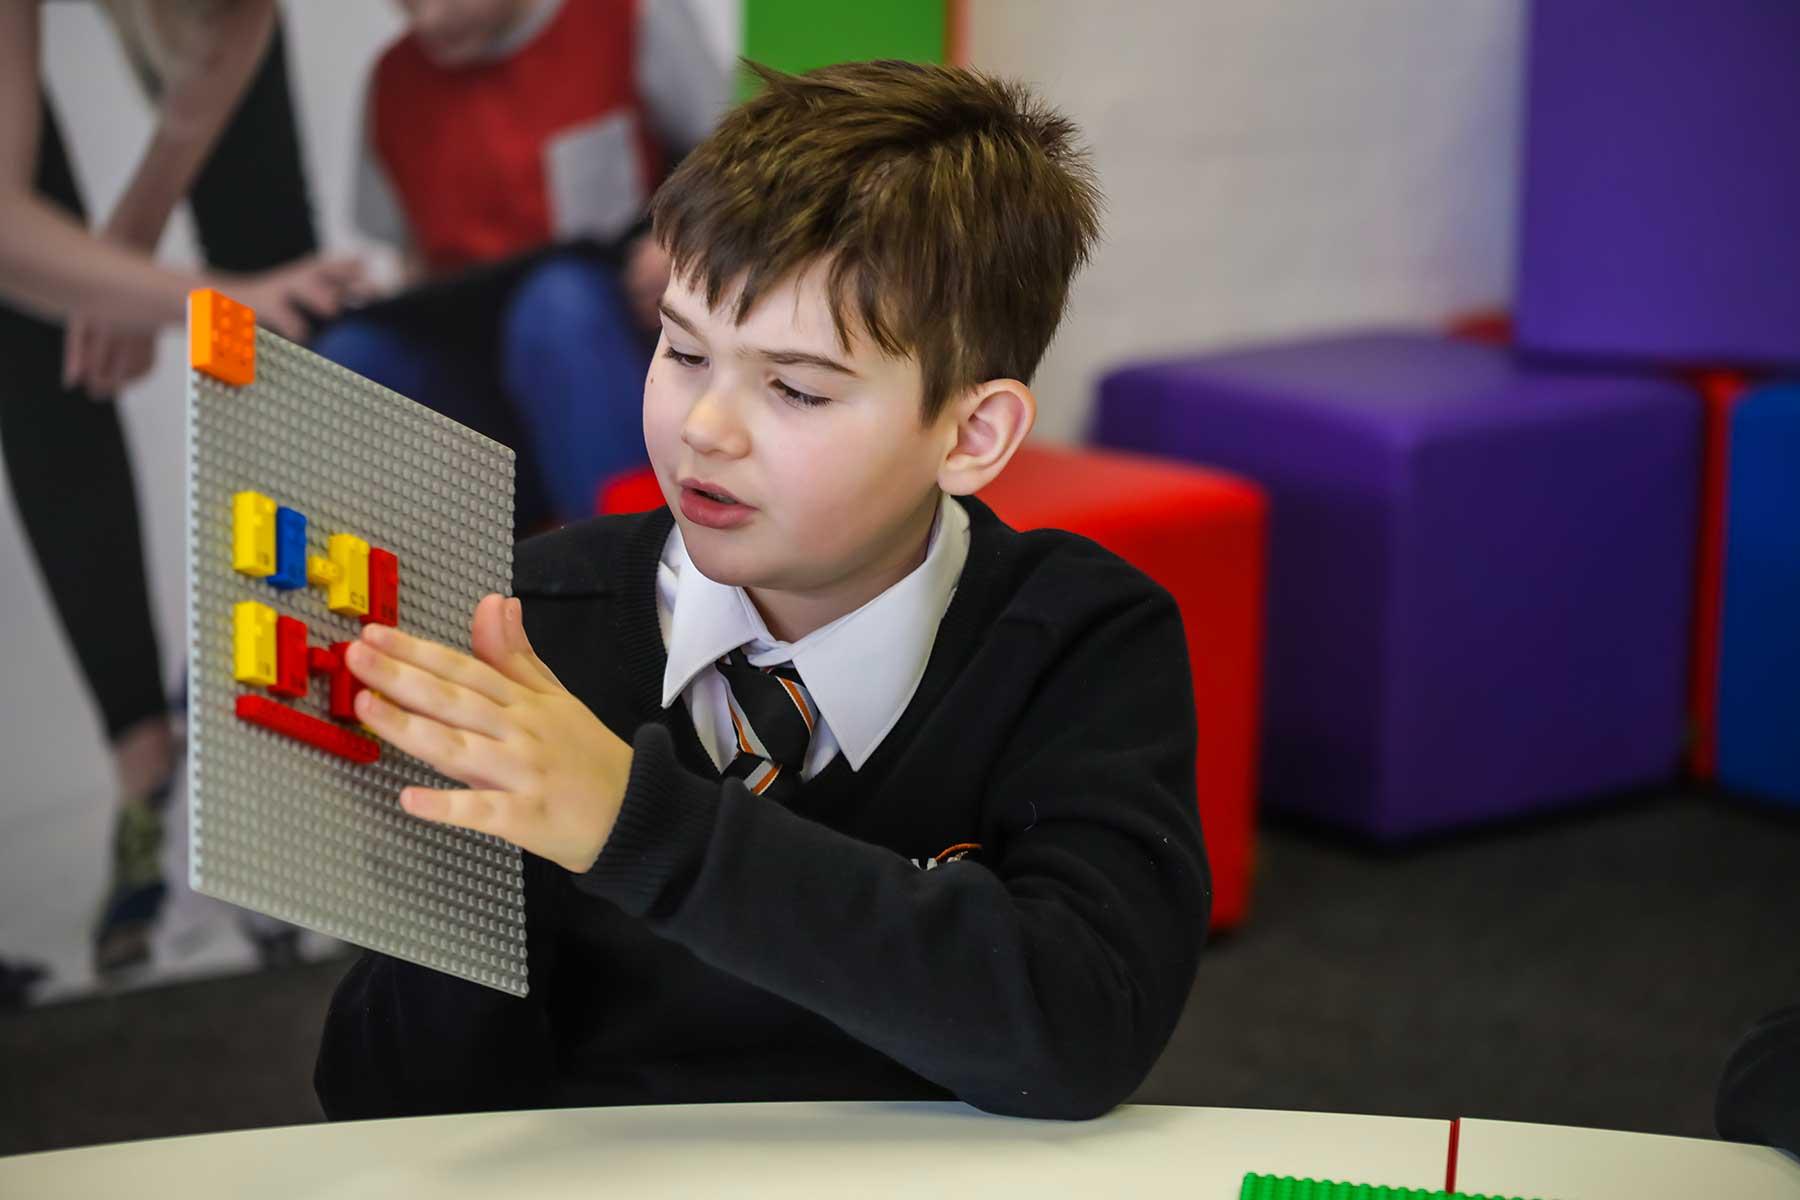 LEGO-Steine mit Blindenschrift LEGO-braille-bricks-sets-blindenschrift_05